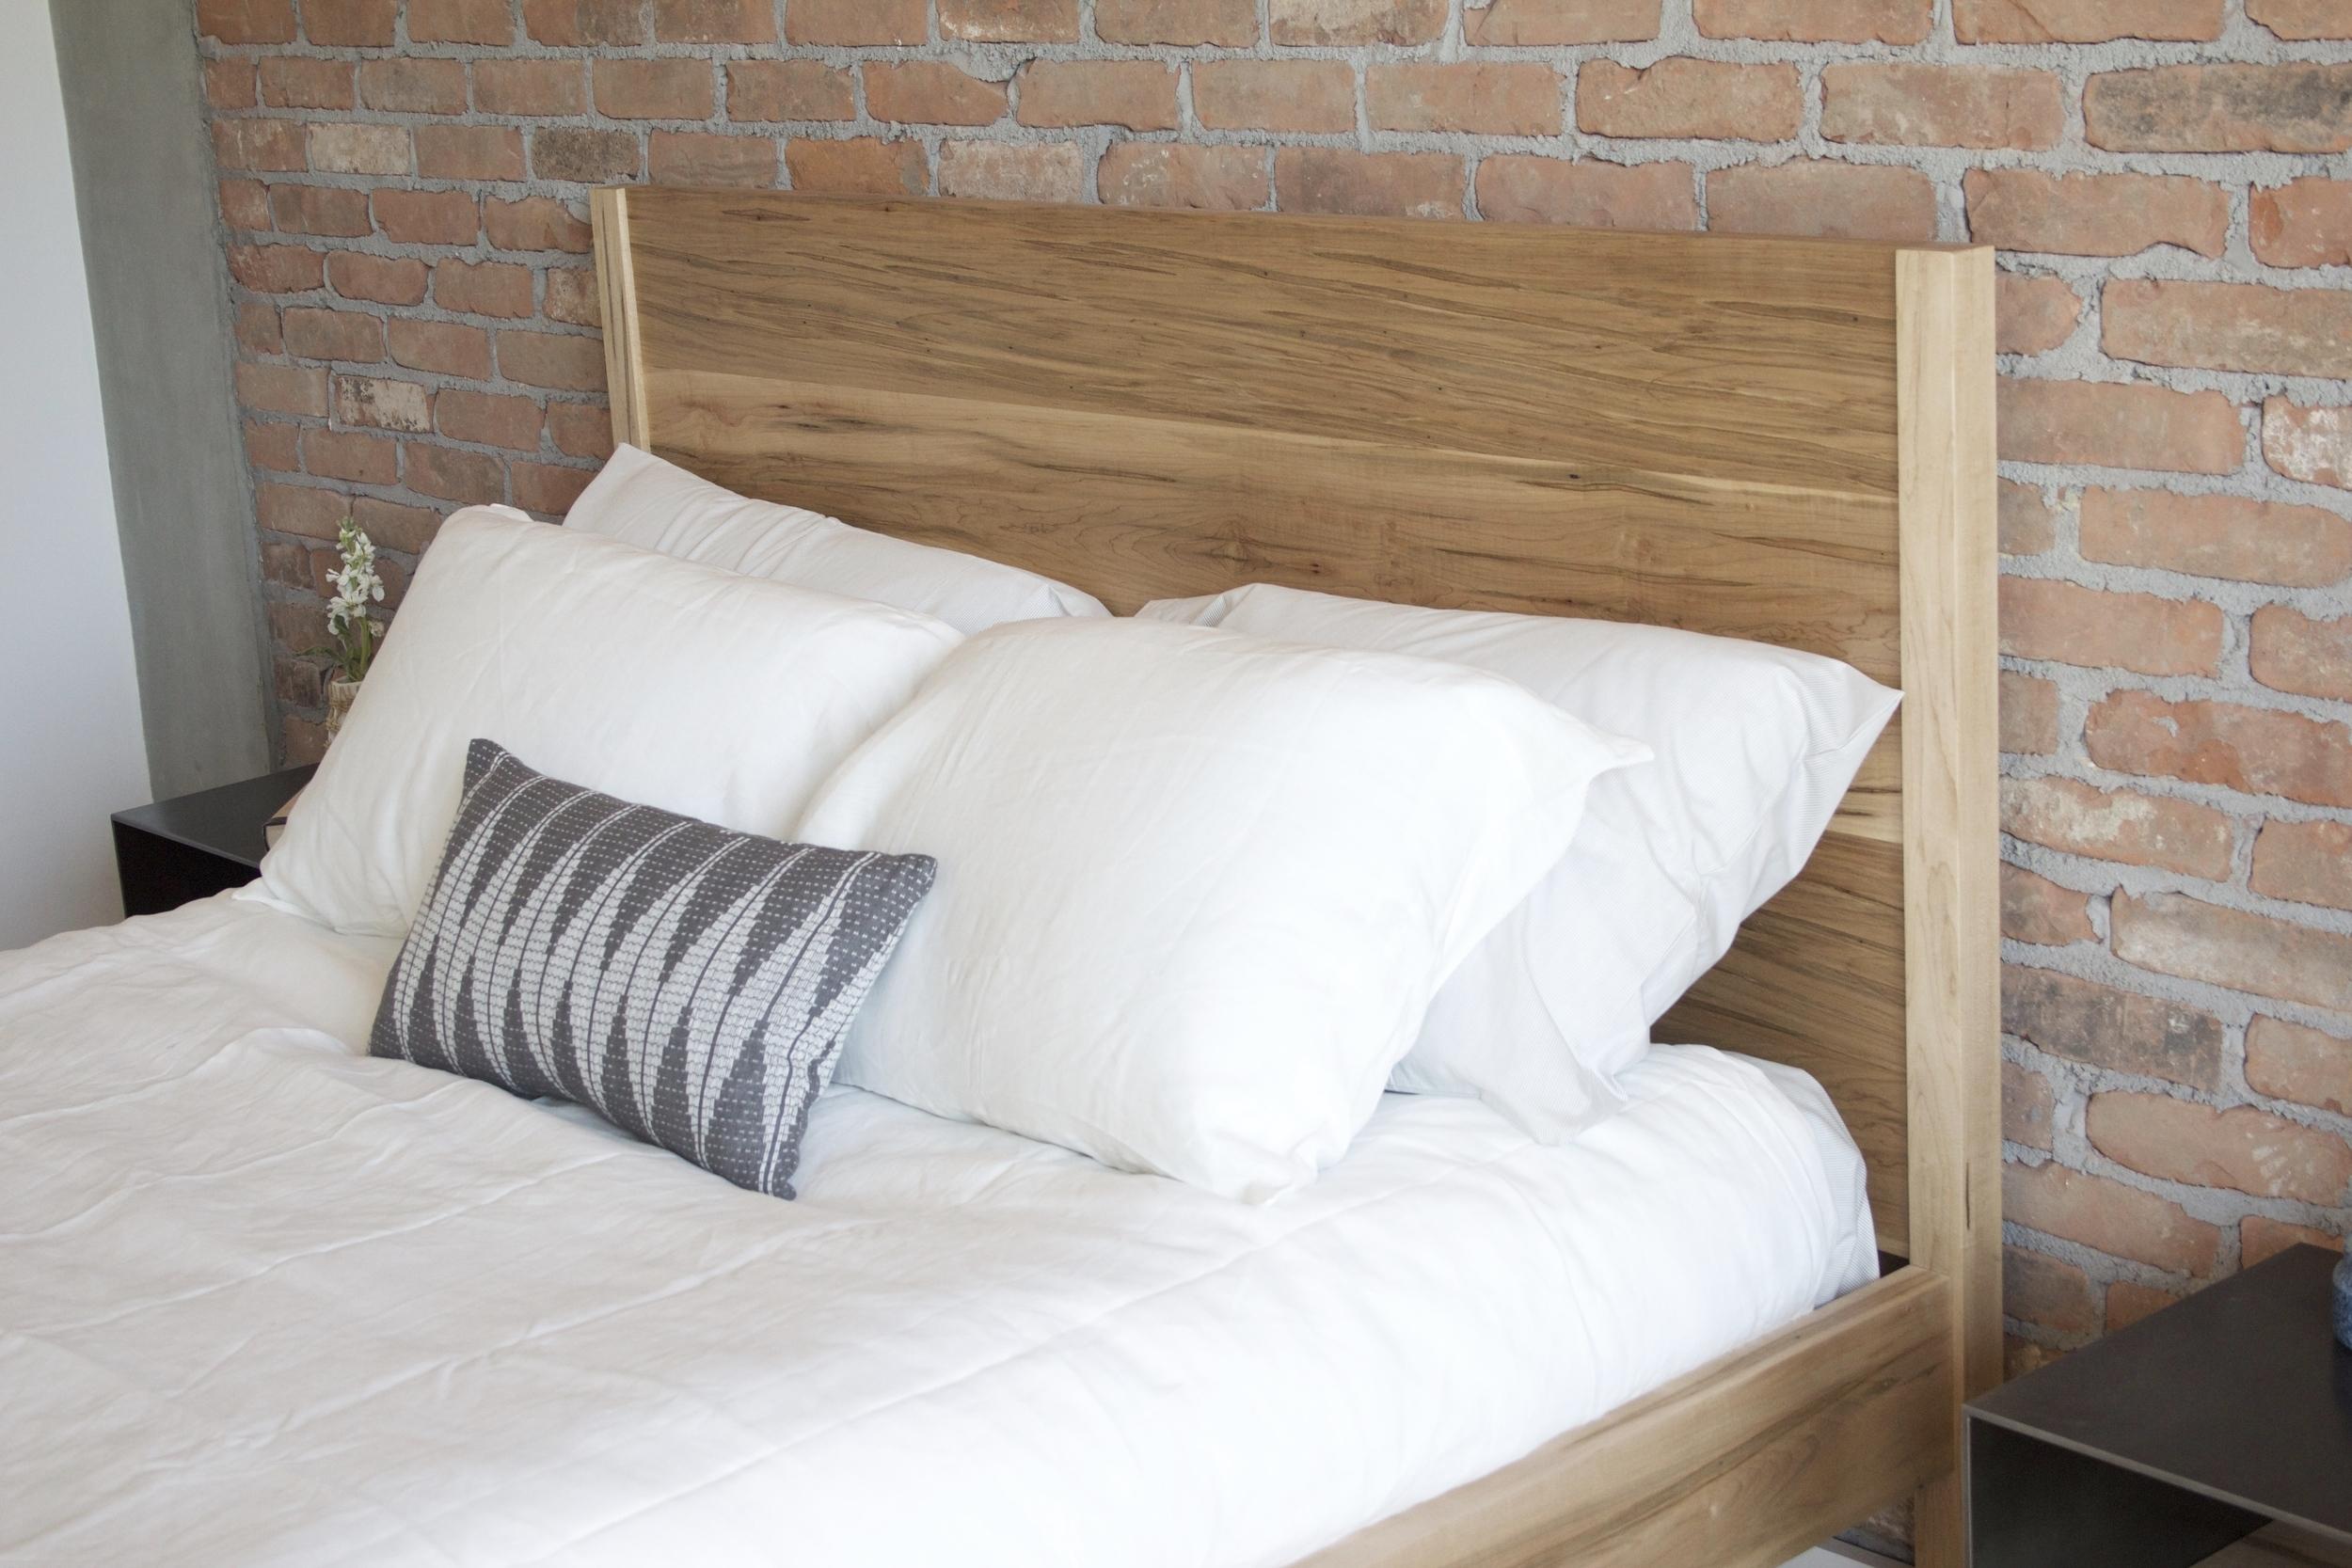 Ambrosia richardson Wood Bed